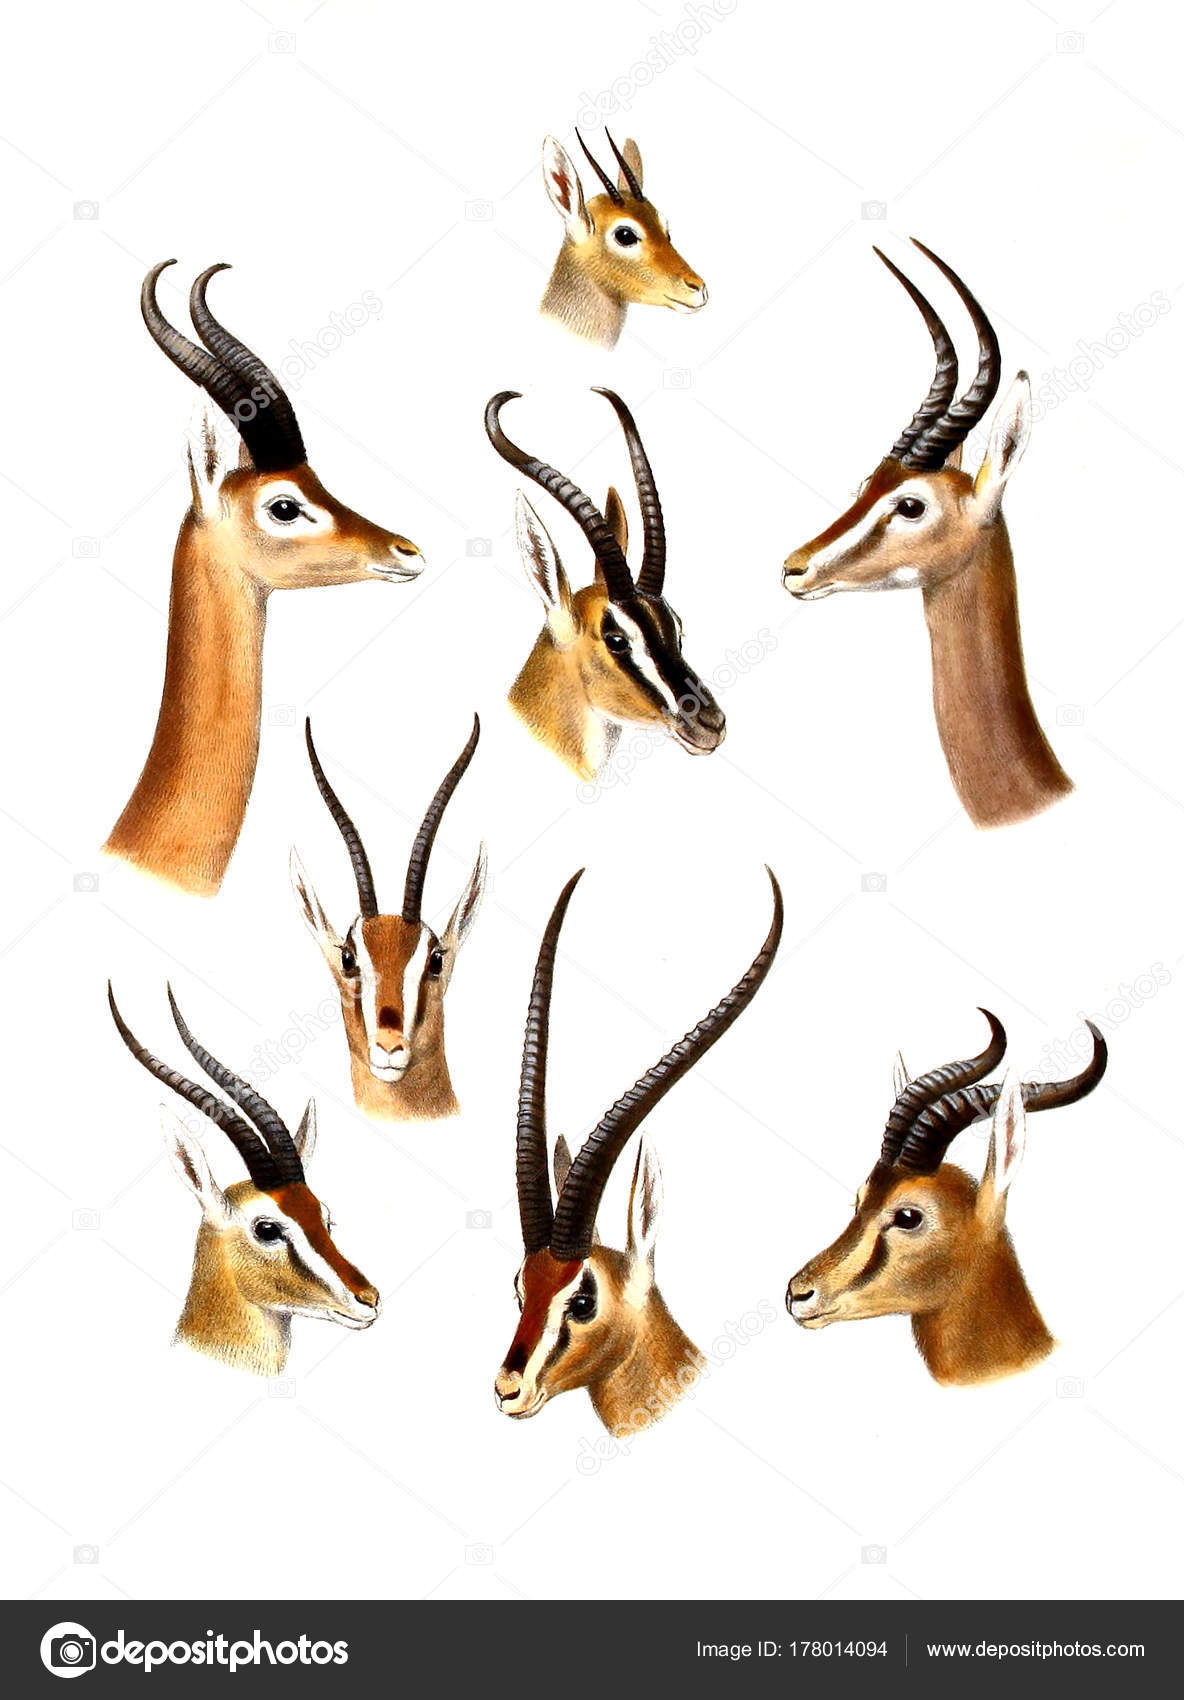 カモシカのイラスト アフリカの偶蹄類の動物のイラスト アフリカの大と小